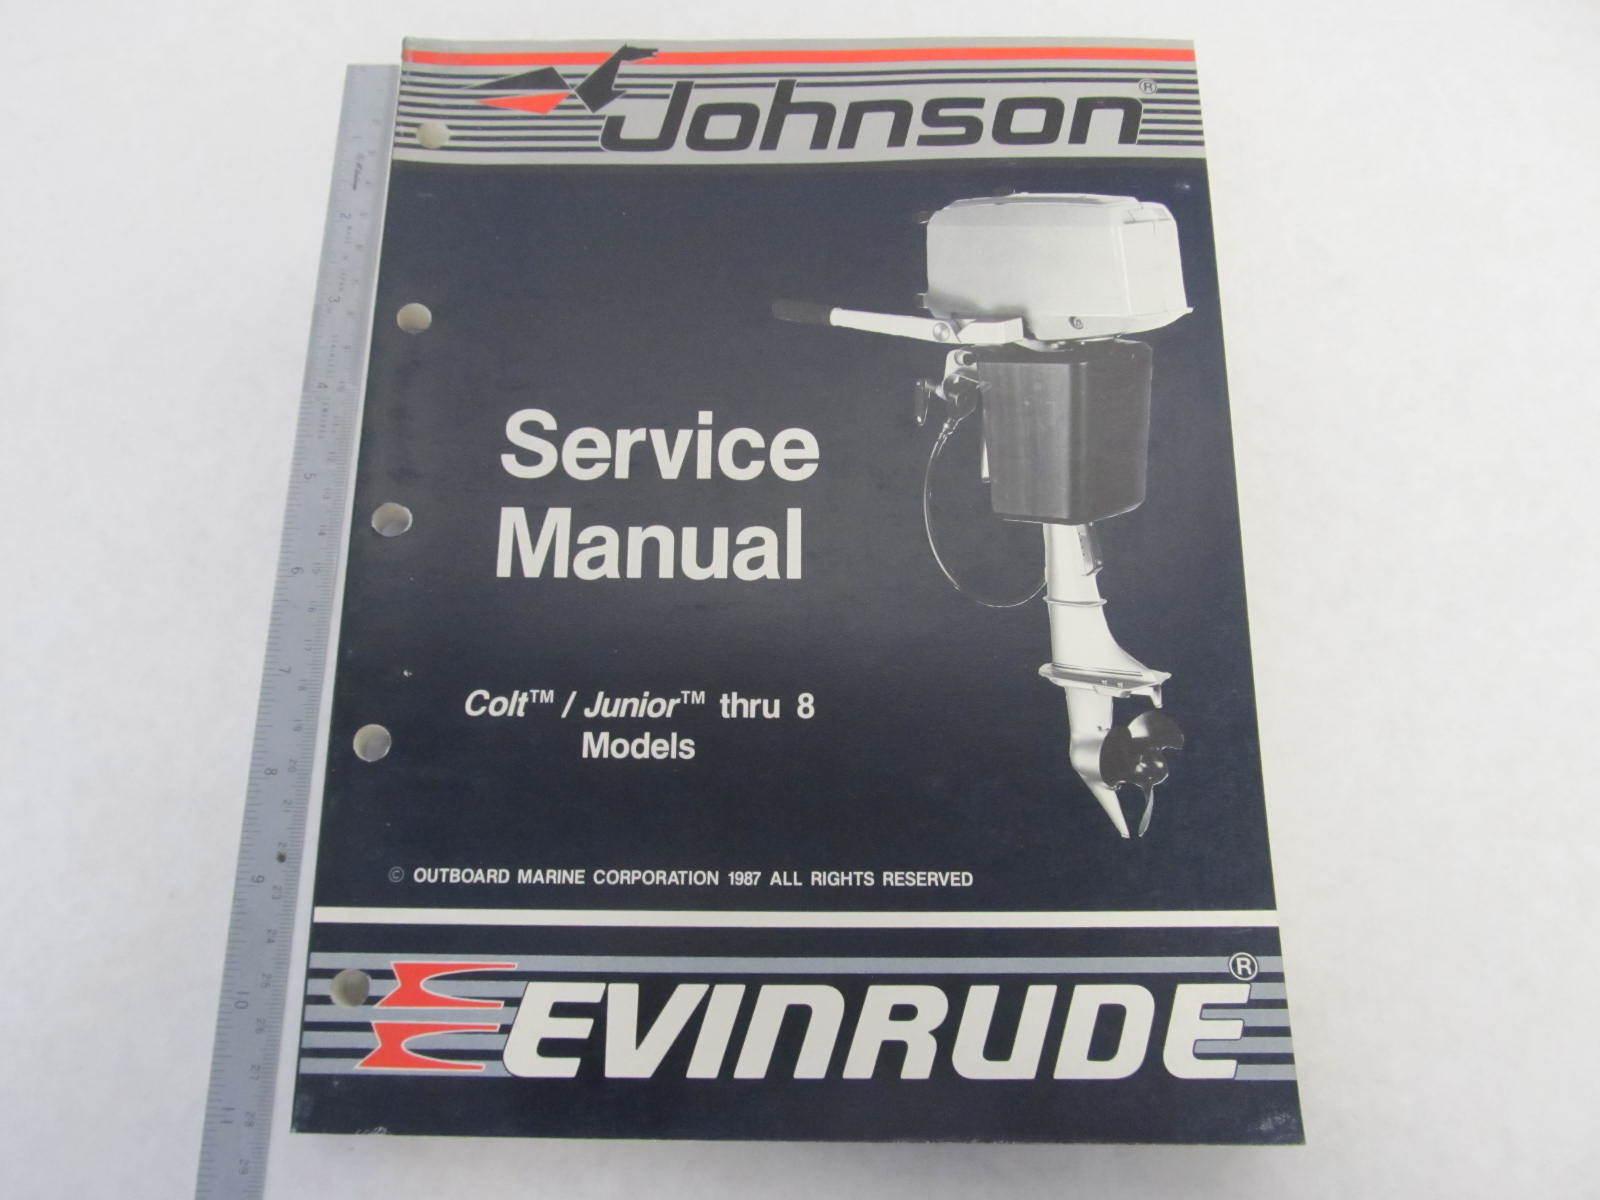 507659 Johnson Evinrude Outboard Service Manual  U0026quot Cc U0026quot  Colt